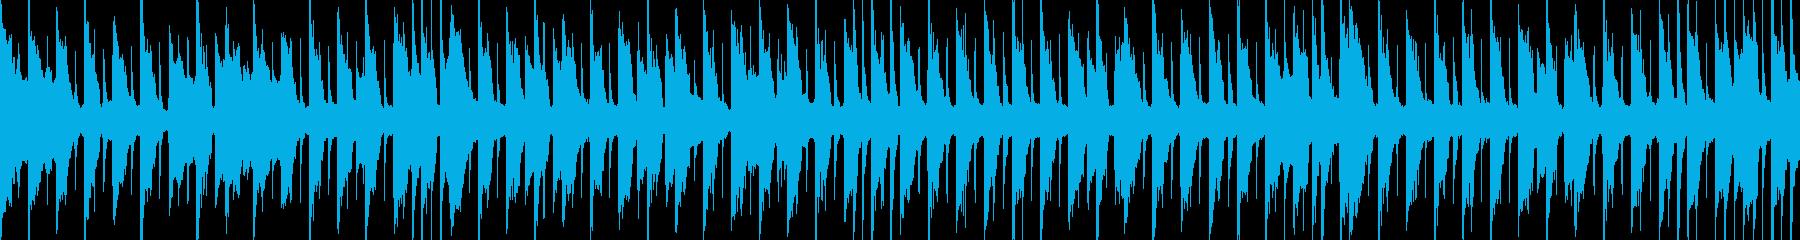 ループ素材 情熱的・力強い・不屈さの再生済みの波形